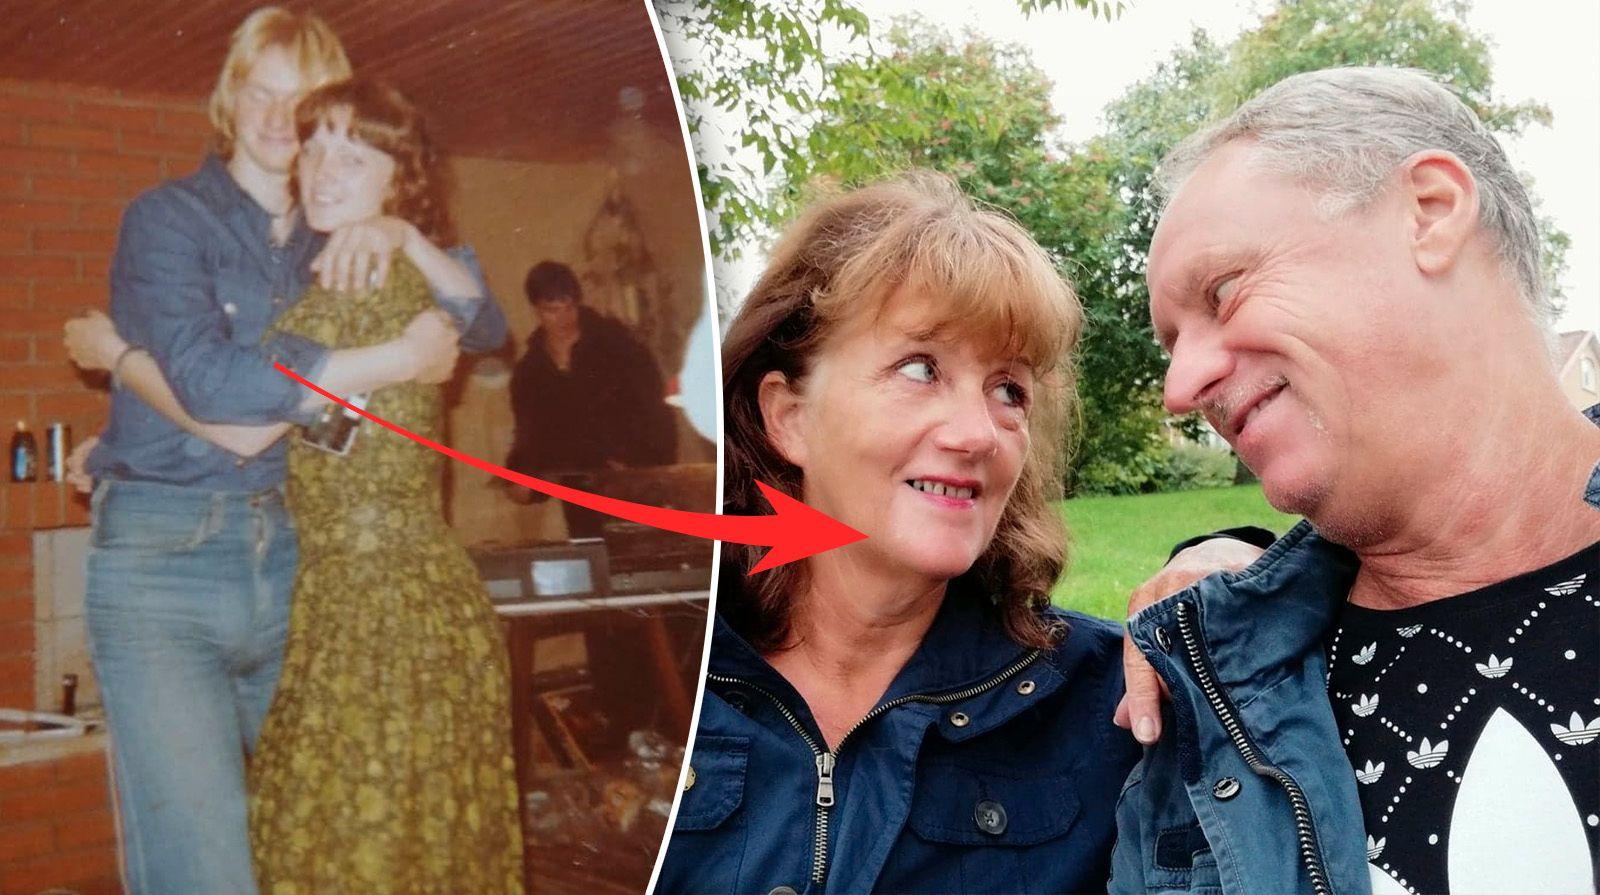 40 år gifta 40 år av kärlekslängtan – nu ska de gifta sig   News Summed Up 40 år gifta